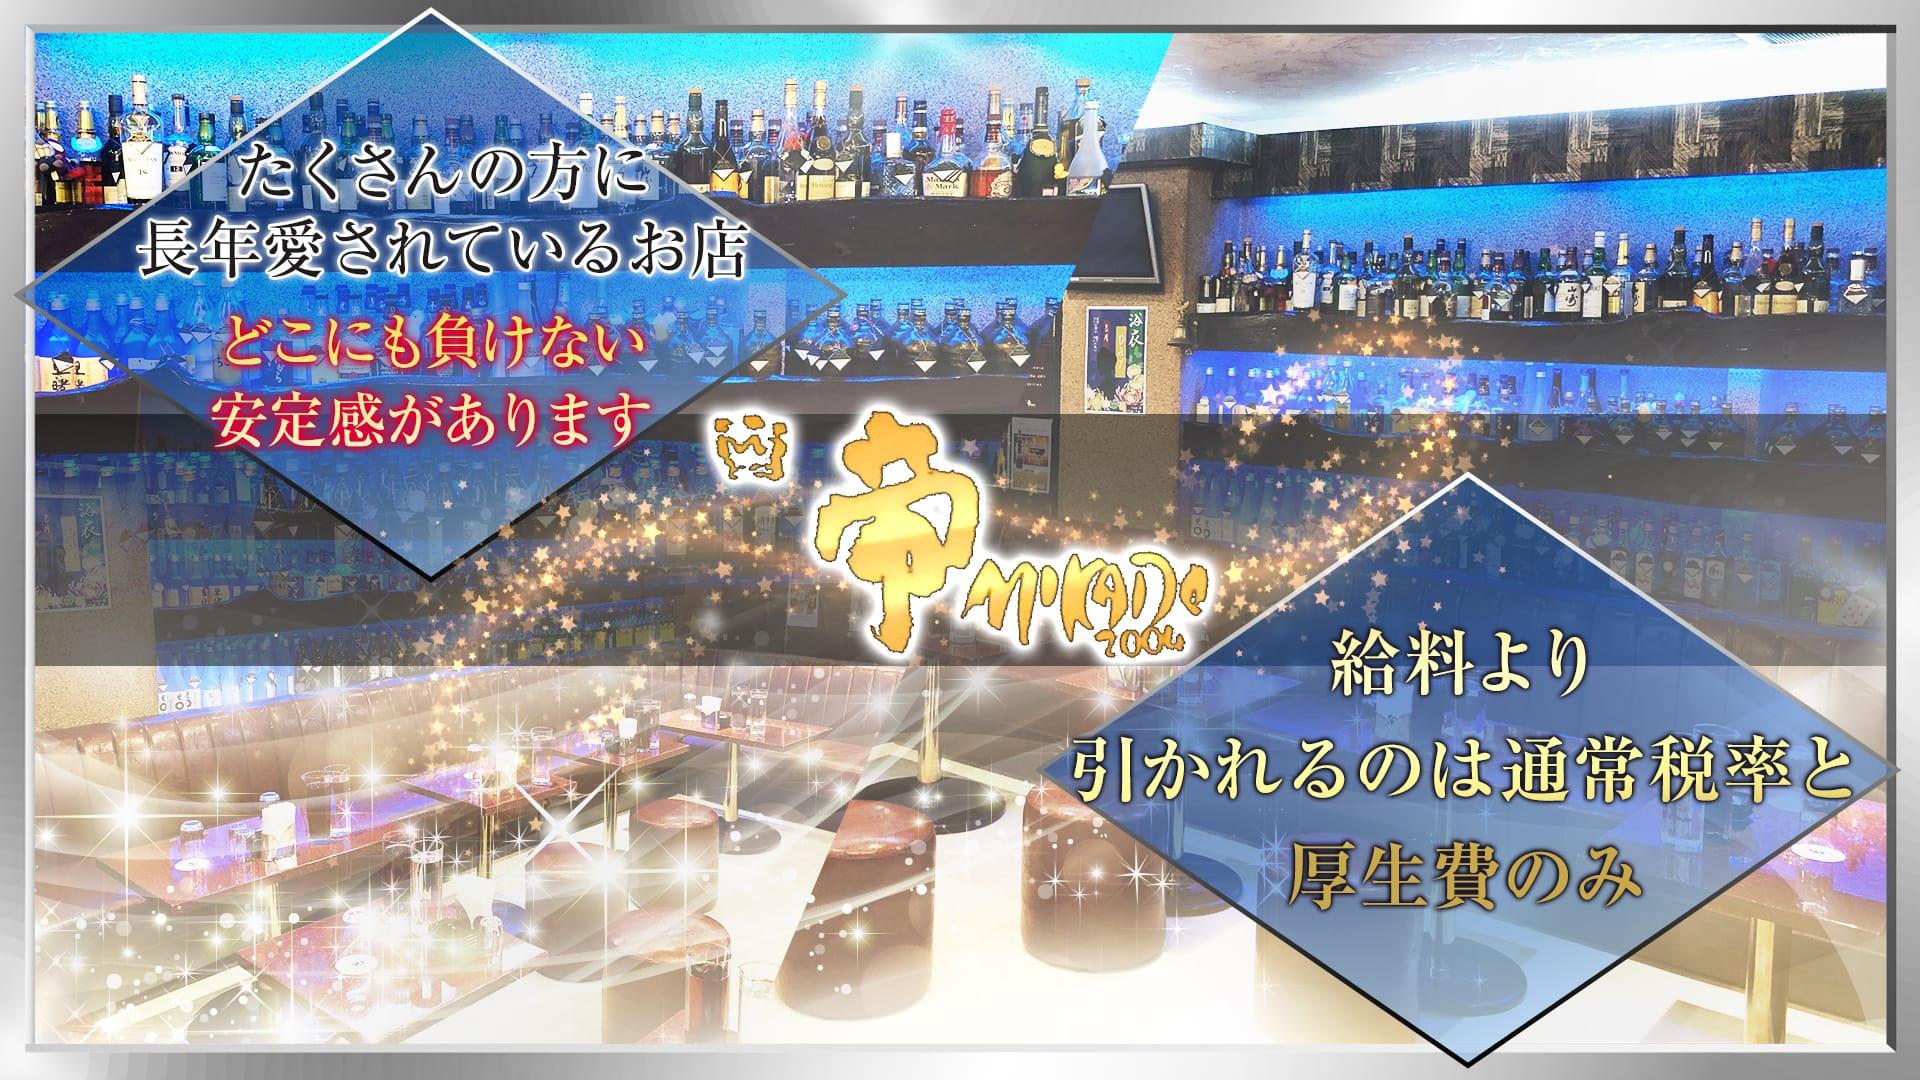 帝-MIKADO-(ミカド) 船橋姉キャバ・半熟キャバ TOP画像